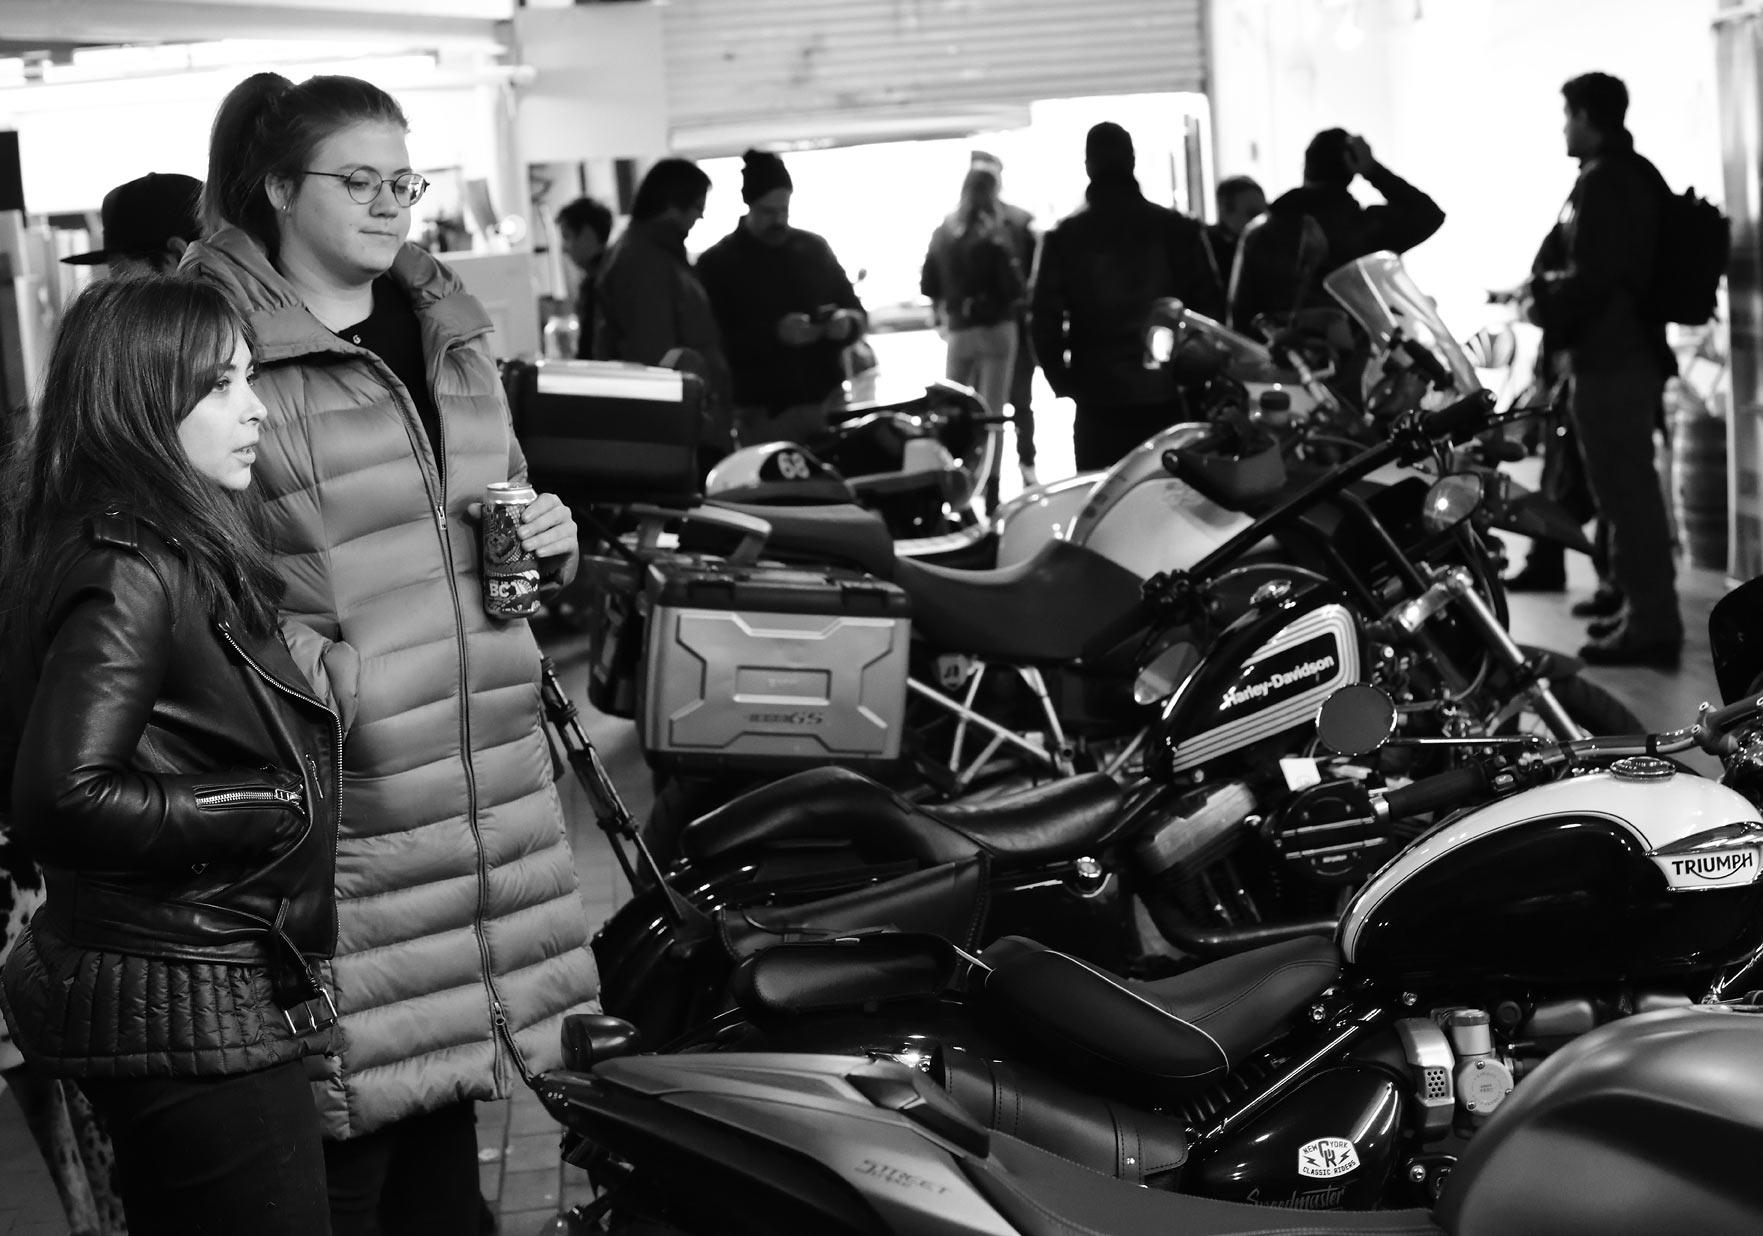 motomarket_028.jpg